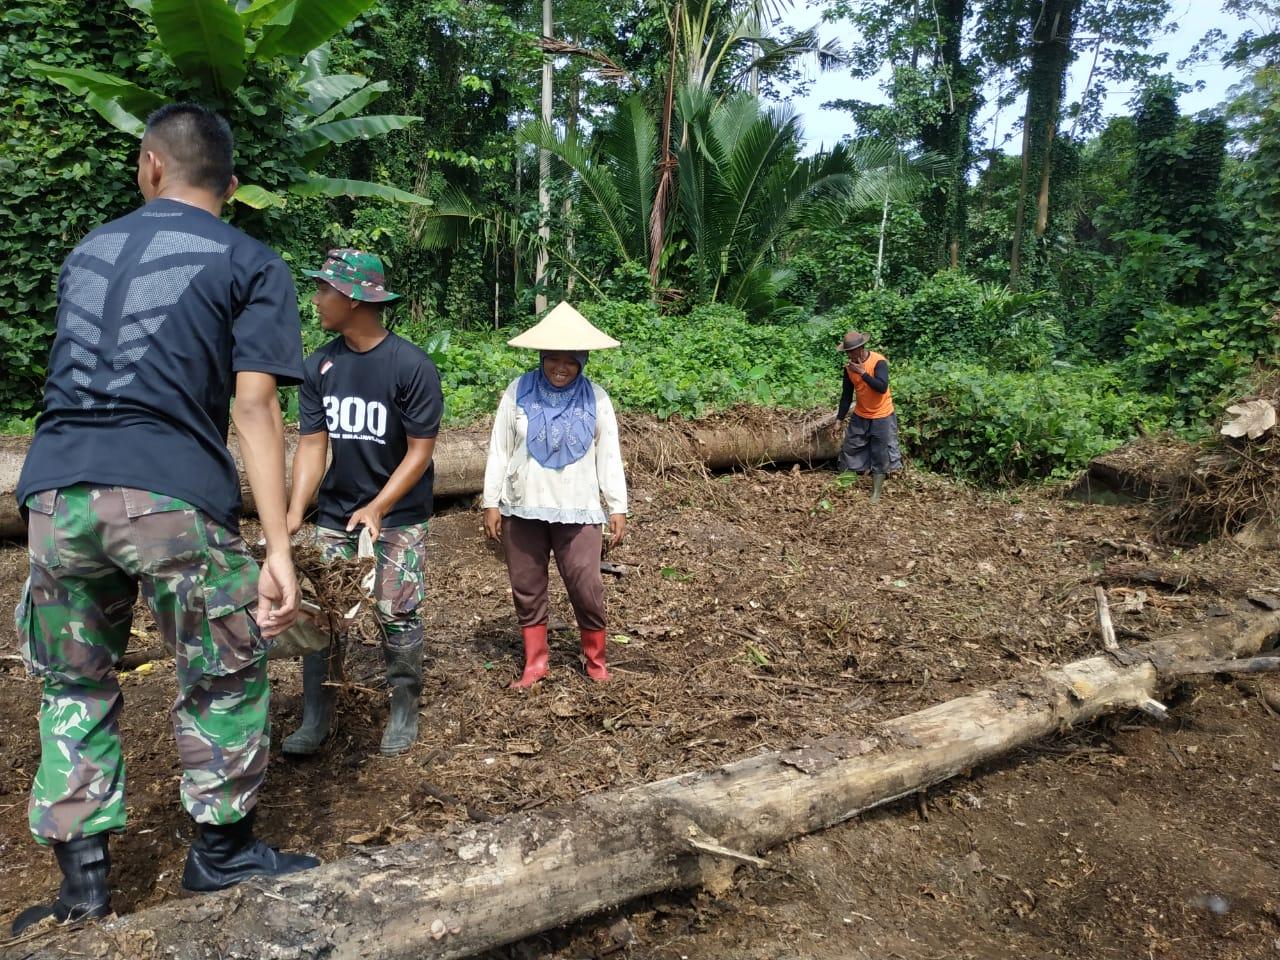 Satgas Raider 300 Bantu Masyarakat Buka Lahan Untuk Tanam Kakao